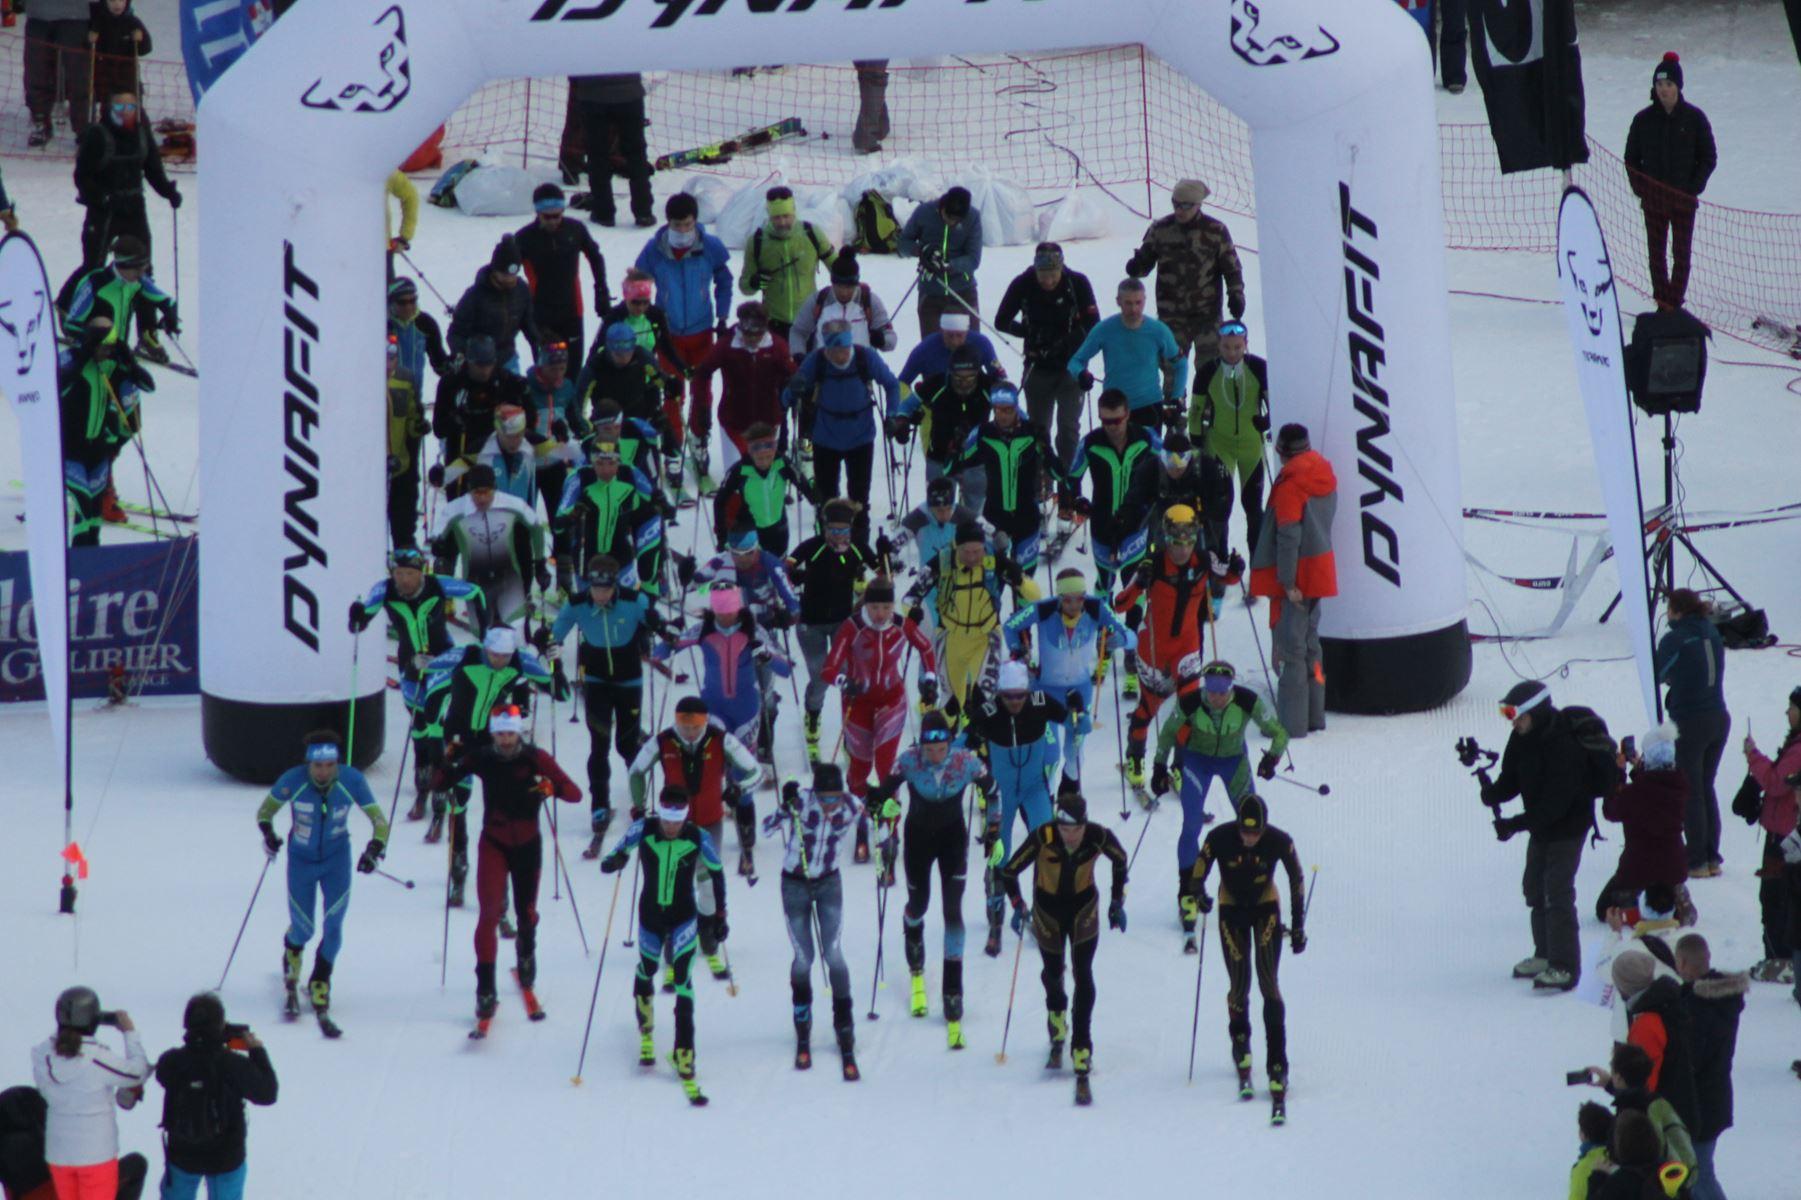 départ Dynafit Valloire - Résultats de la 3ème édition du Valloire Dynafit Vertical (ski alpi) 04/01/2020